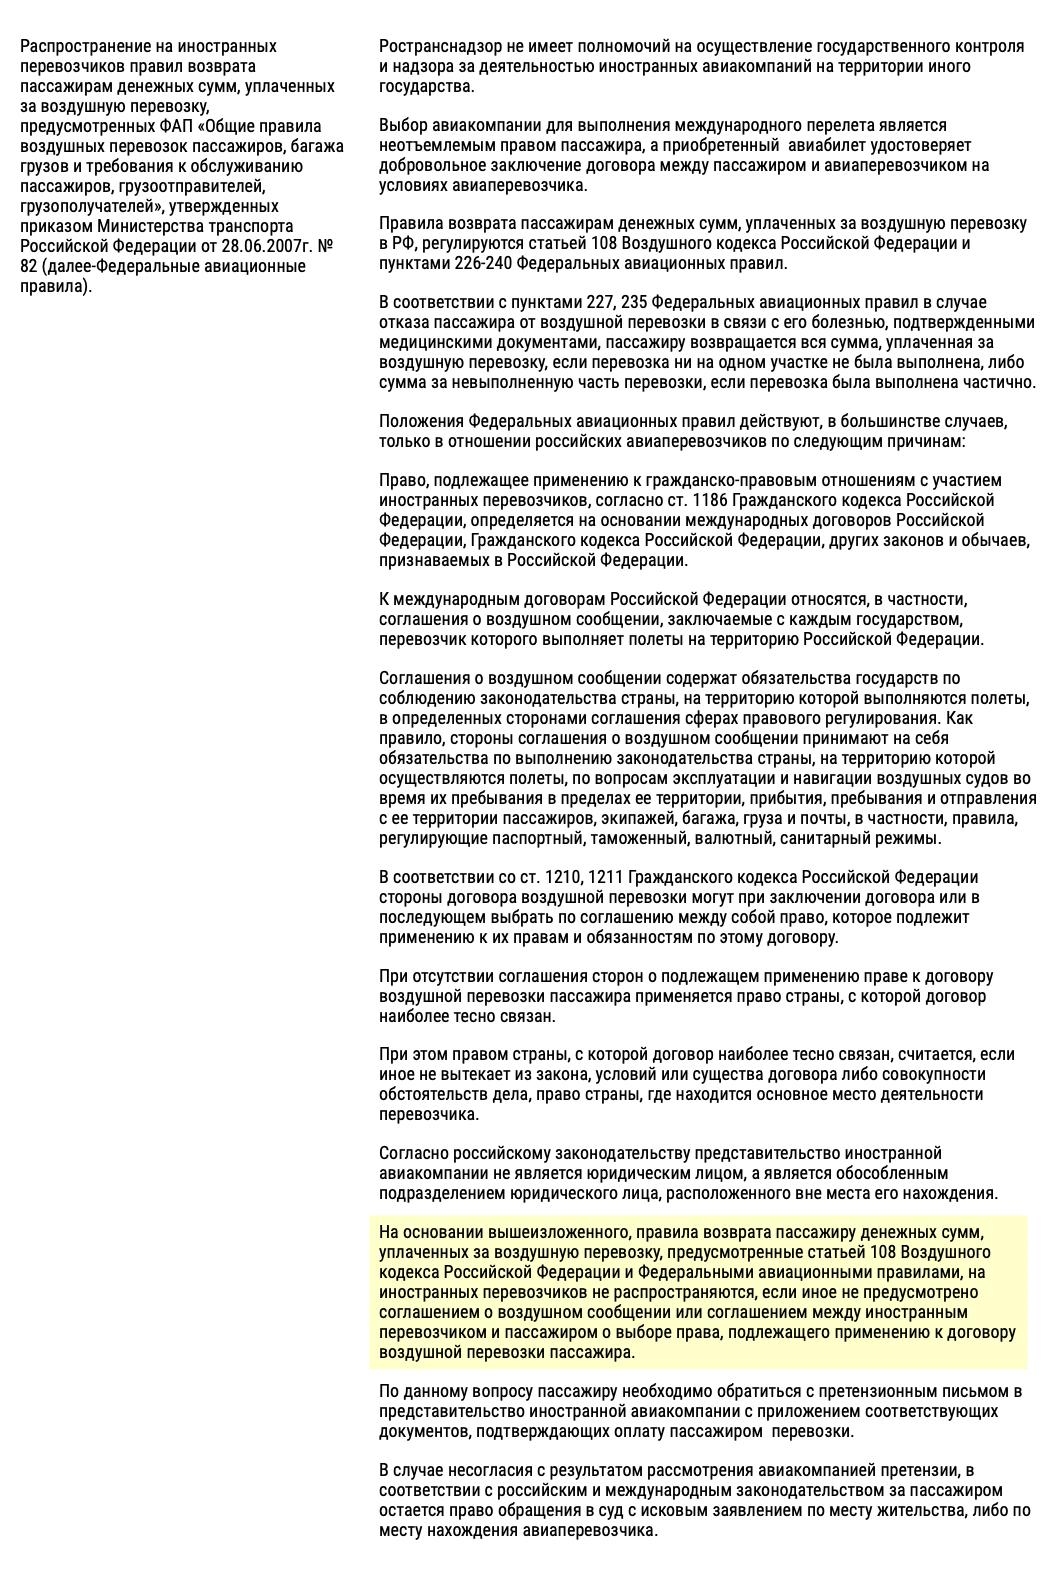 Ространснадзор говорит, что иностранный перевозчик не обязан действовать по российским законам, если пассажир вынужденно отказался от полета